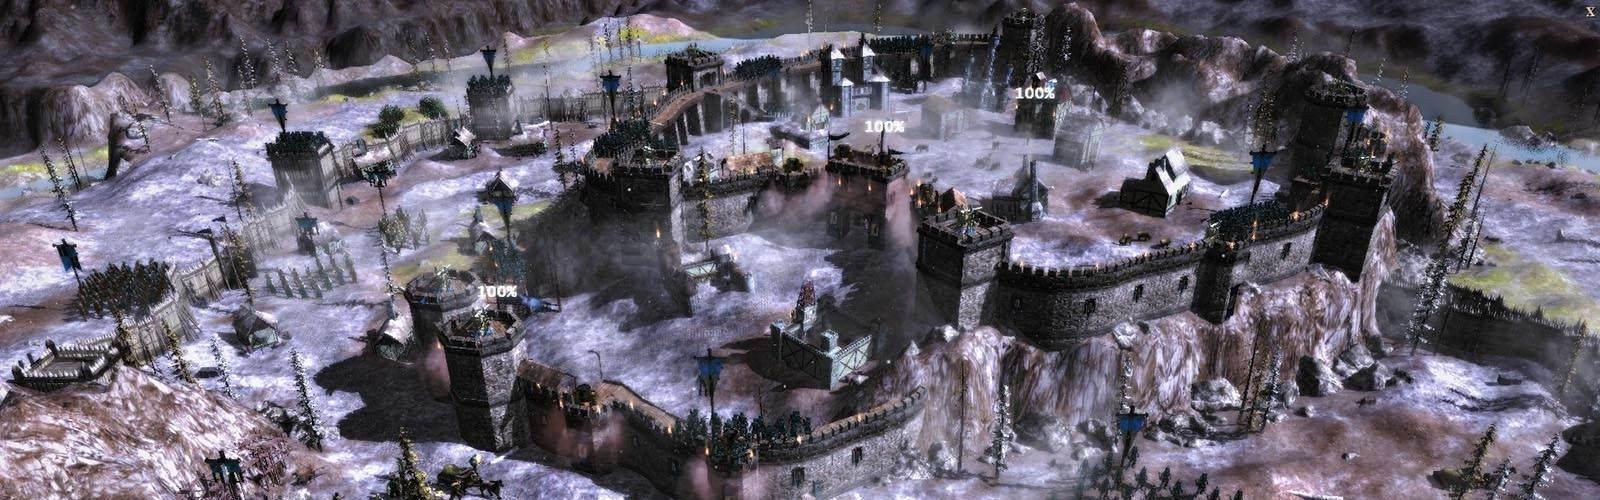 Kingdom Wars 2 (Definitive Edition) Steam Key GLOBAL